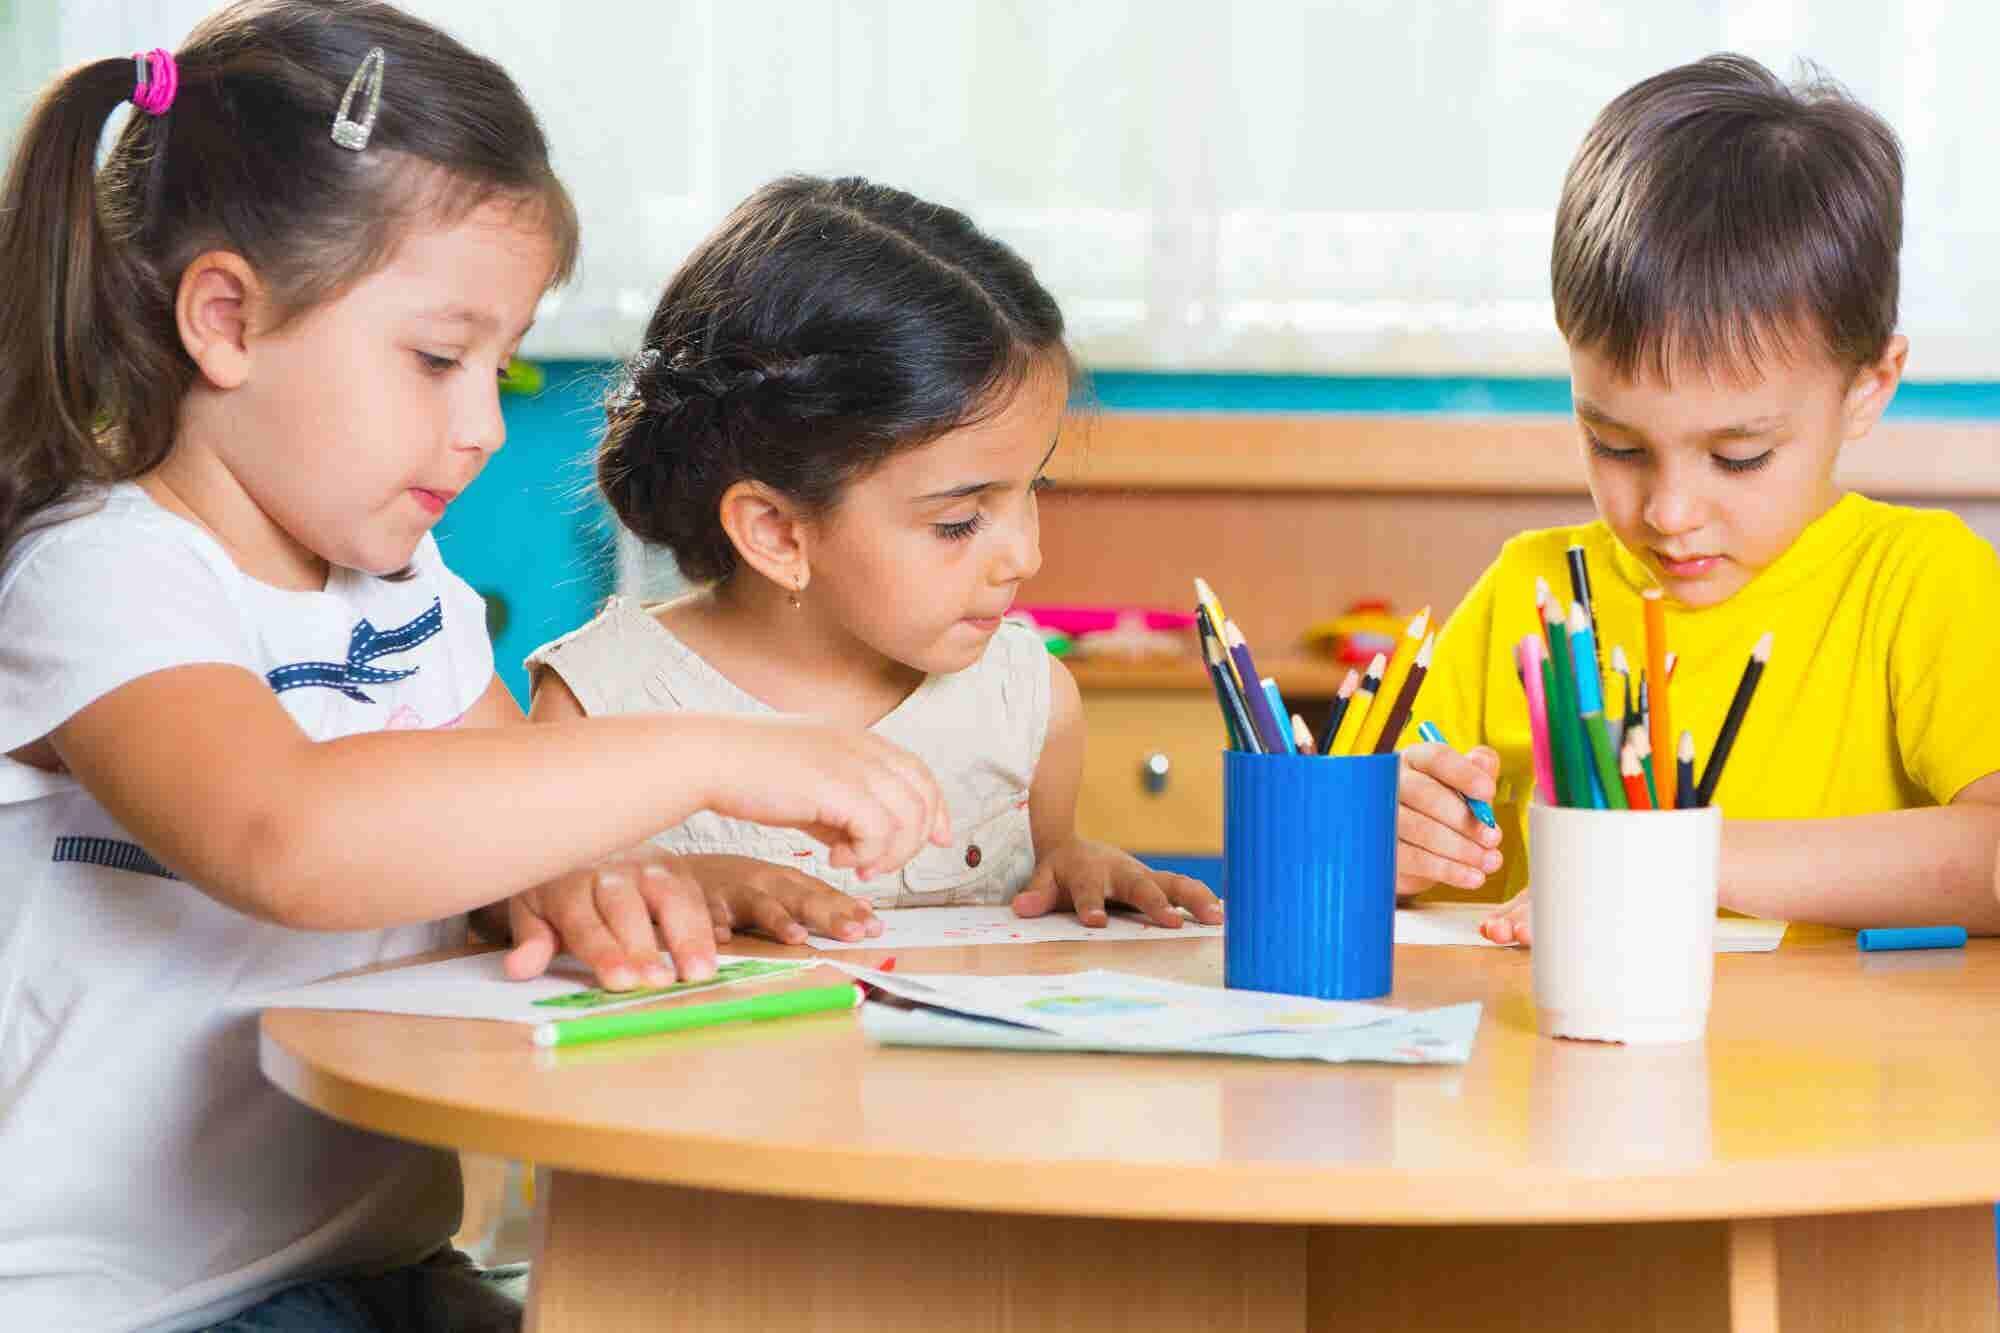 Las 5 habilidades matemáticas que los niños de kínder deben tener